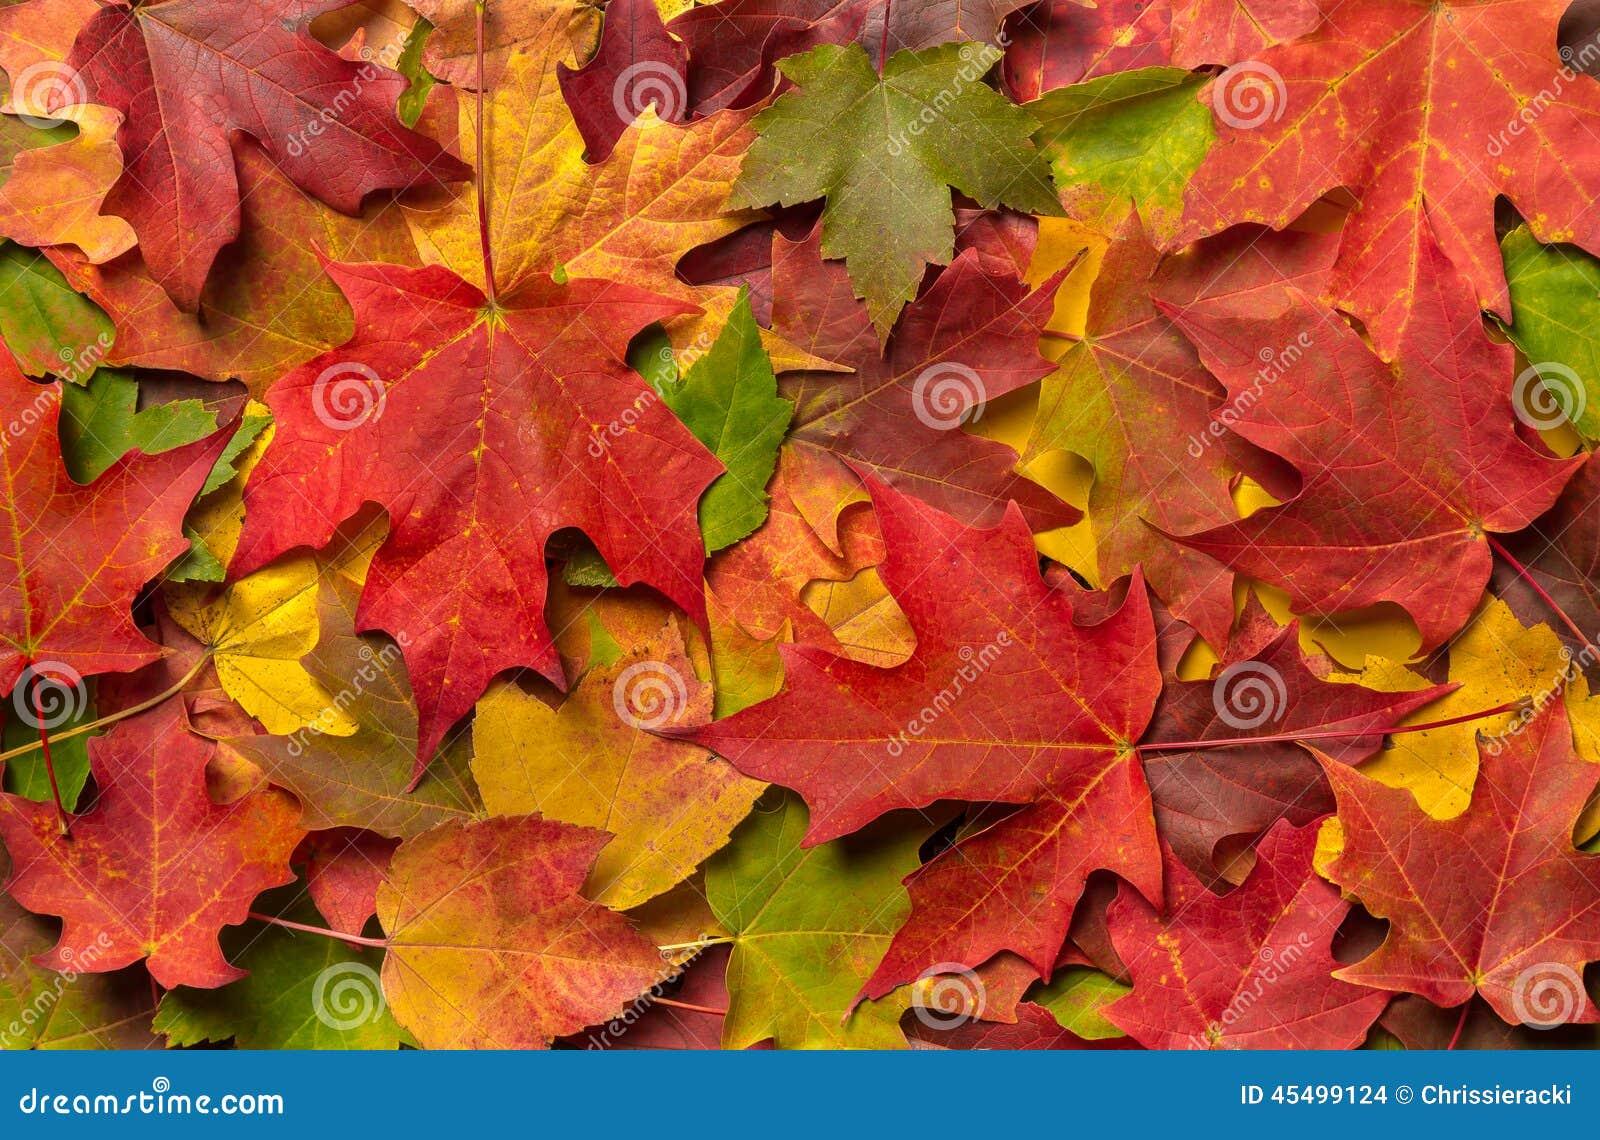 Colorful Autumn Fall Leaves